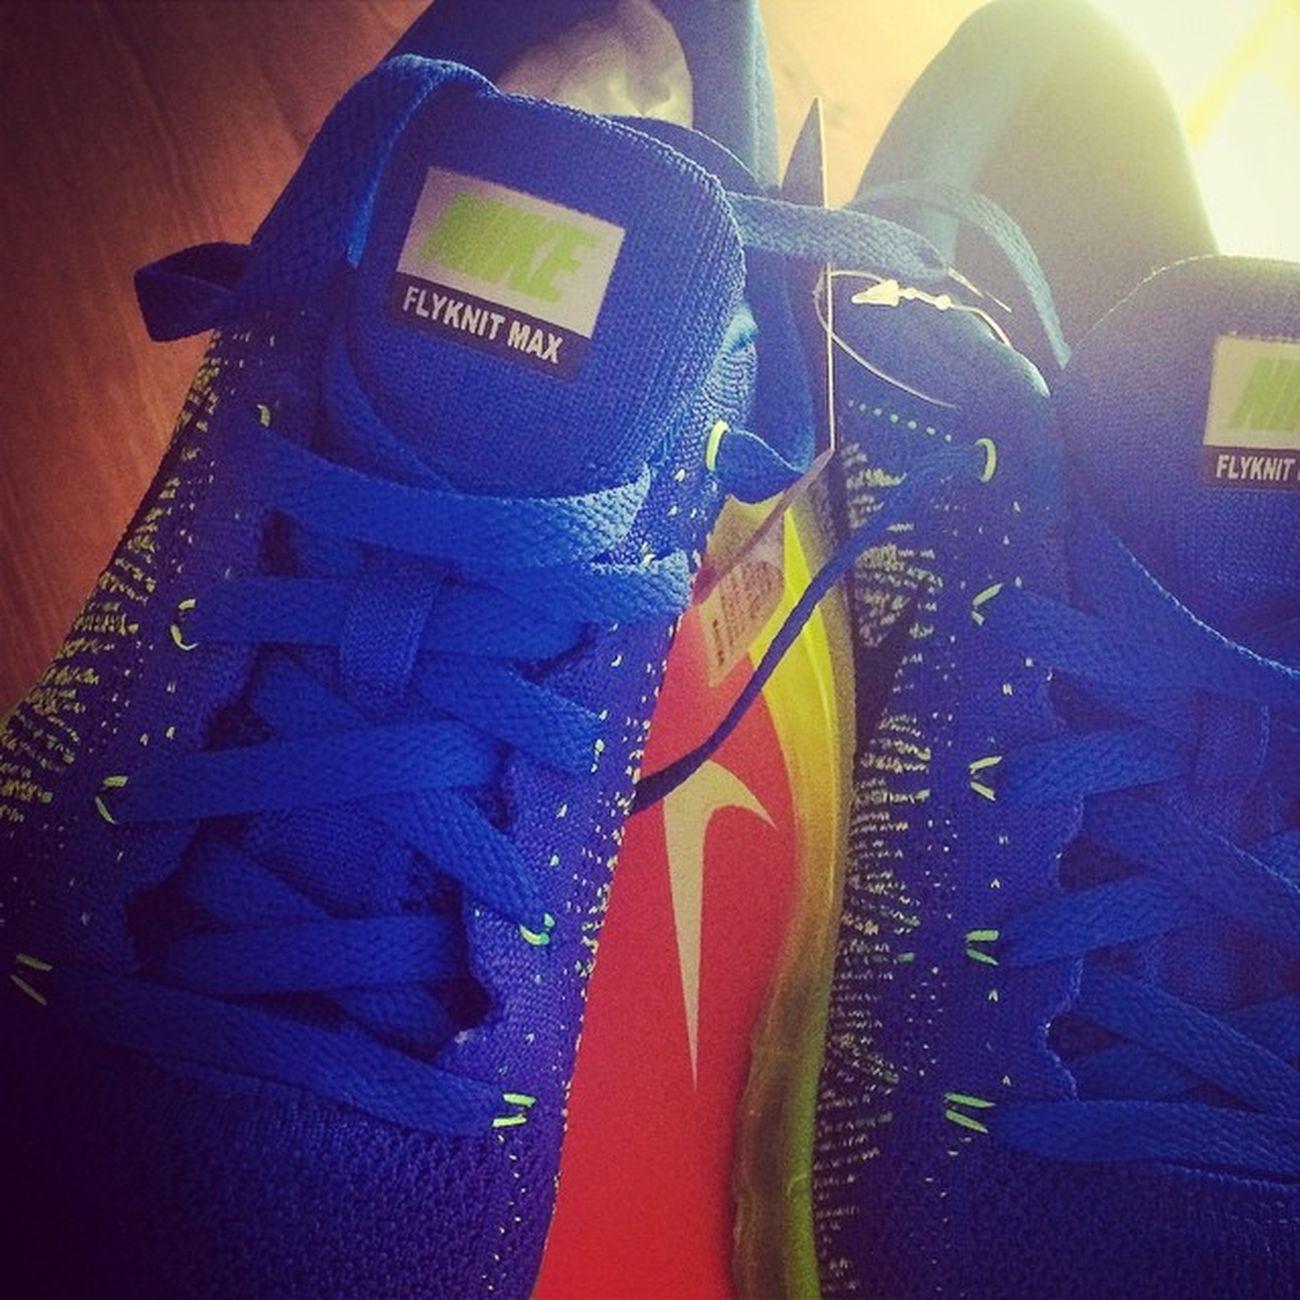 収穫祭!Nike Nikeflyknitmax 天王洲アイル